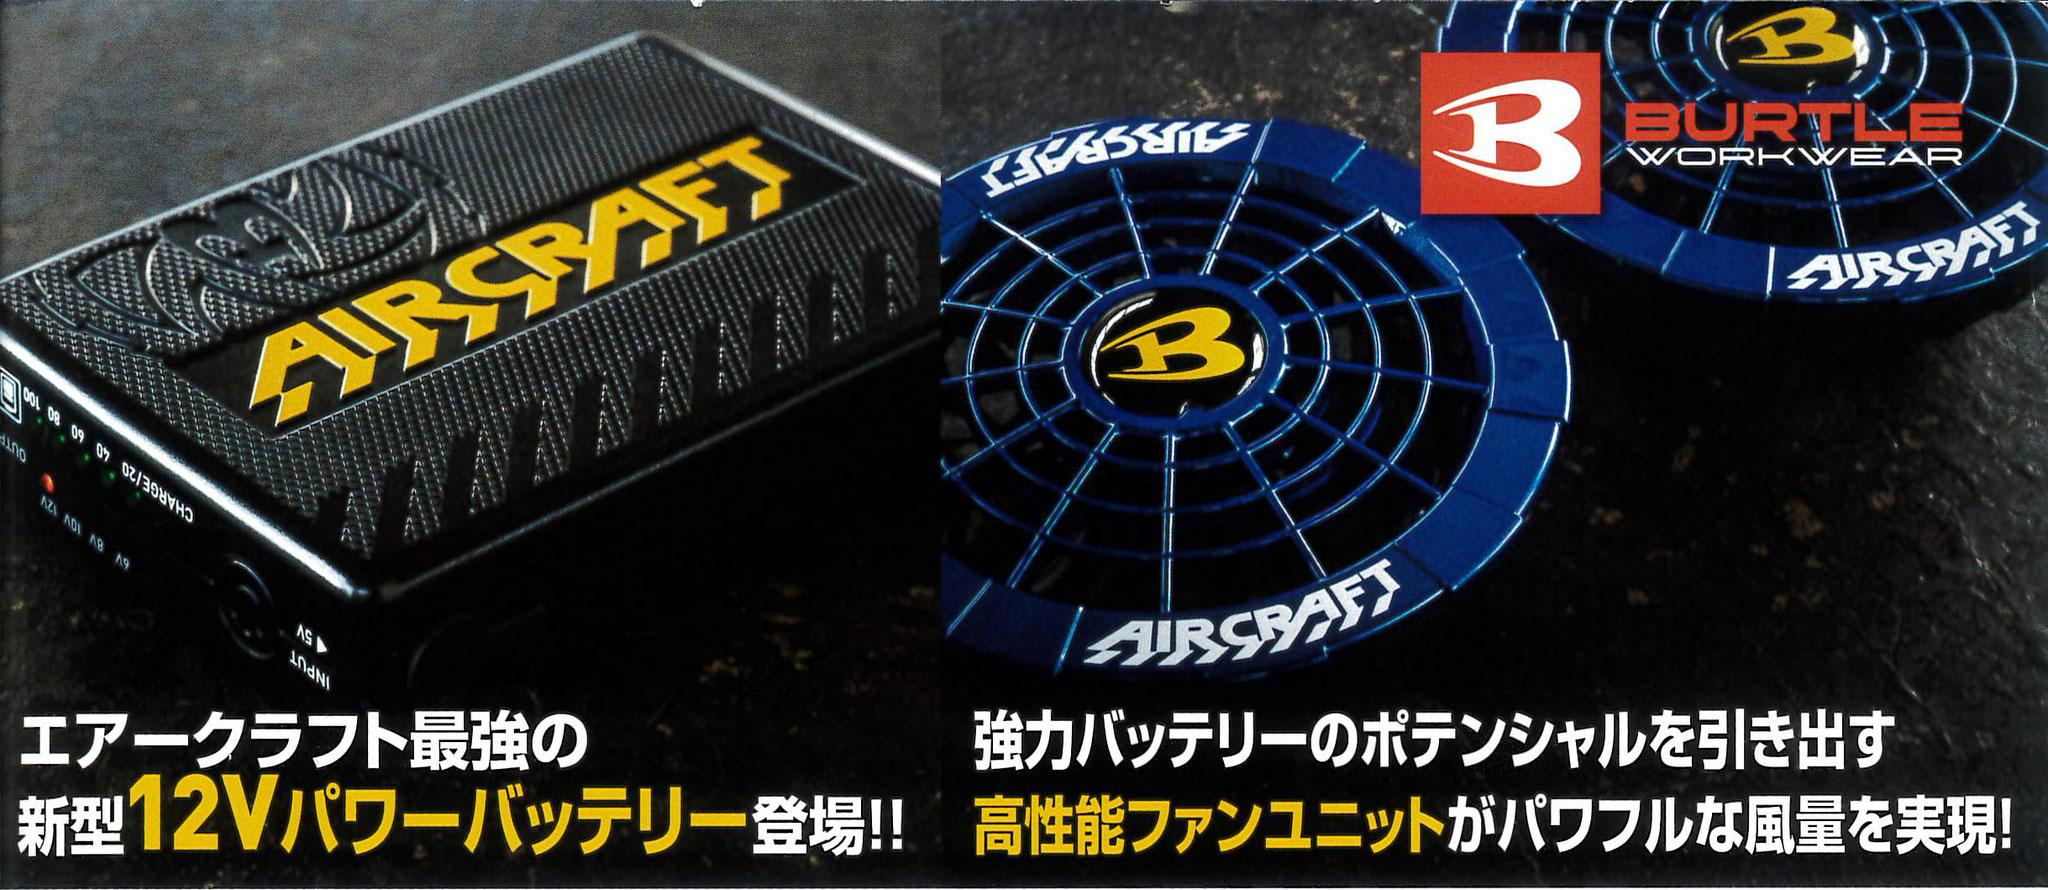 BURTLE~バートル~air craft~エアークラフト~新型12Vのパワフルな涼しさ!!